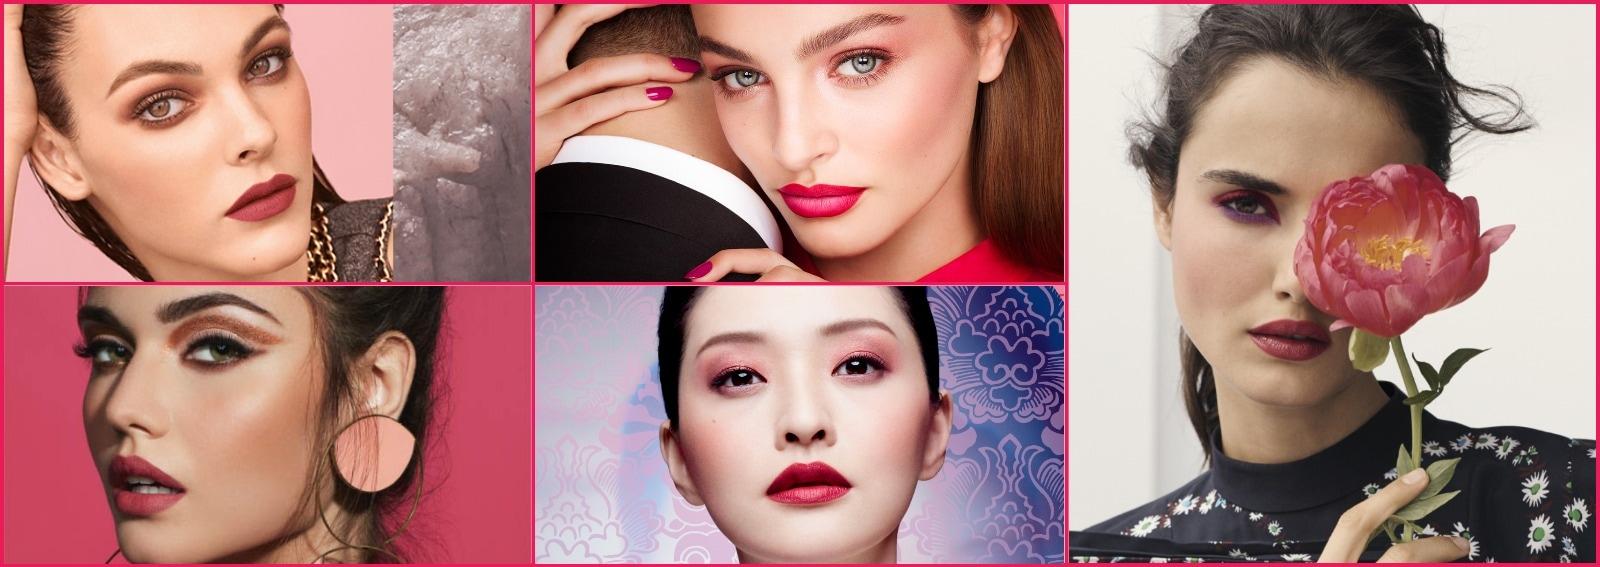 collezioni-make-up-primavera-estate-2020 cover desktop